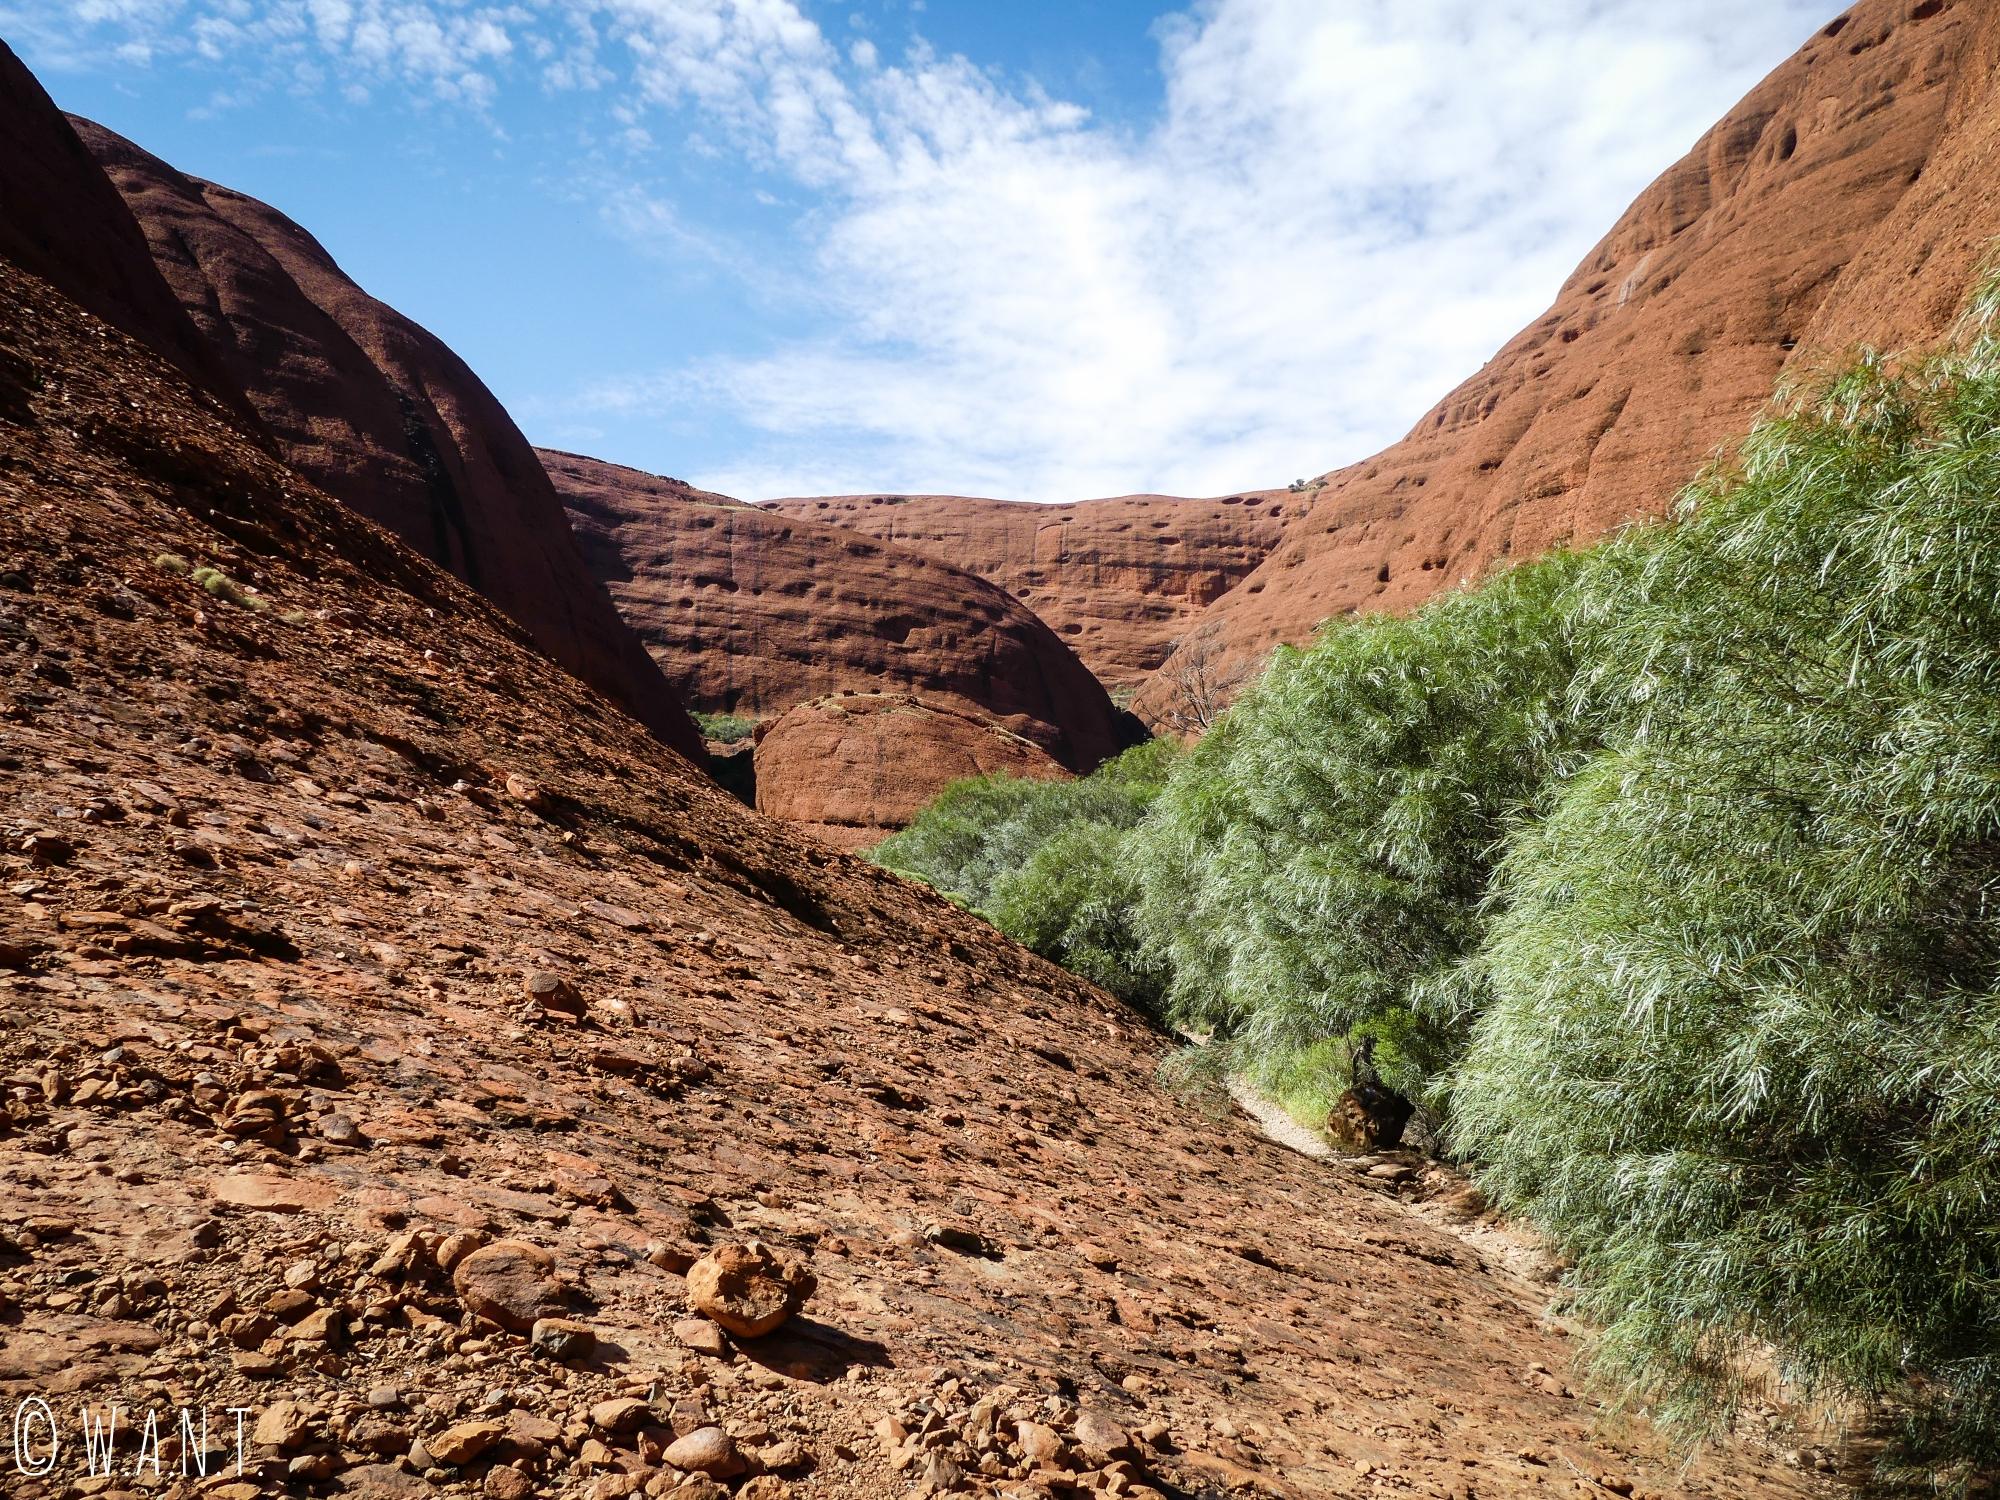 Paysage lunaire sur la randonnée Valley of the Winds Walk du parc national Uluru-Kata Tjuta